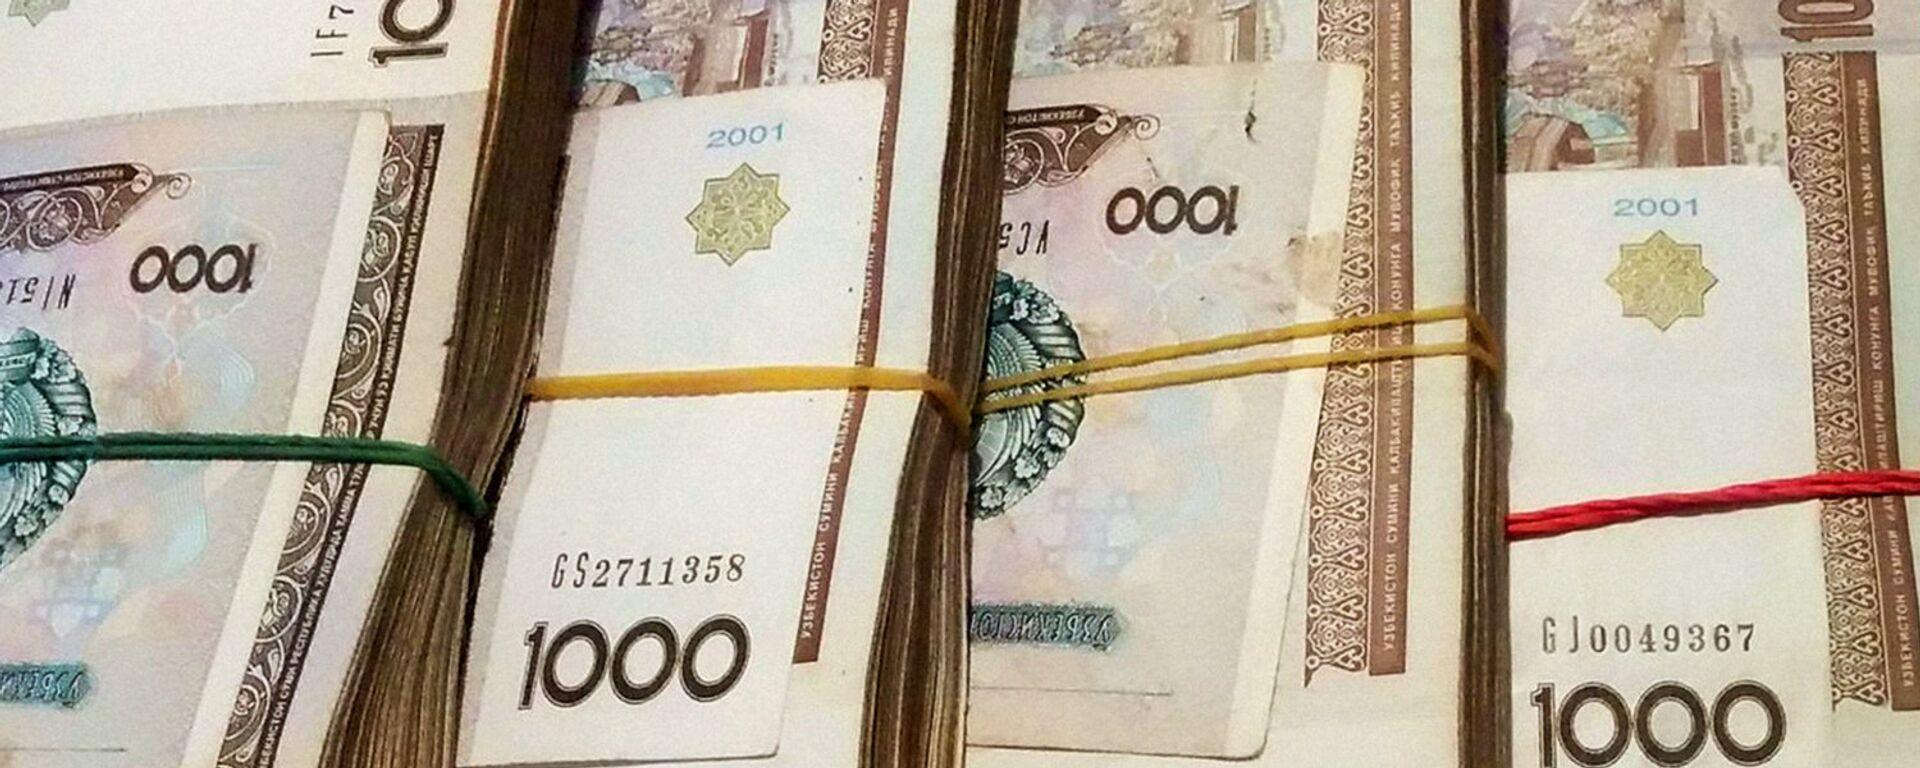 Узбекские денежные знаки - сум - Sputnik Узбекистан, 1920, 07.04.2021